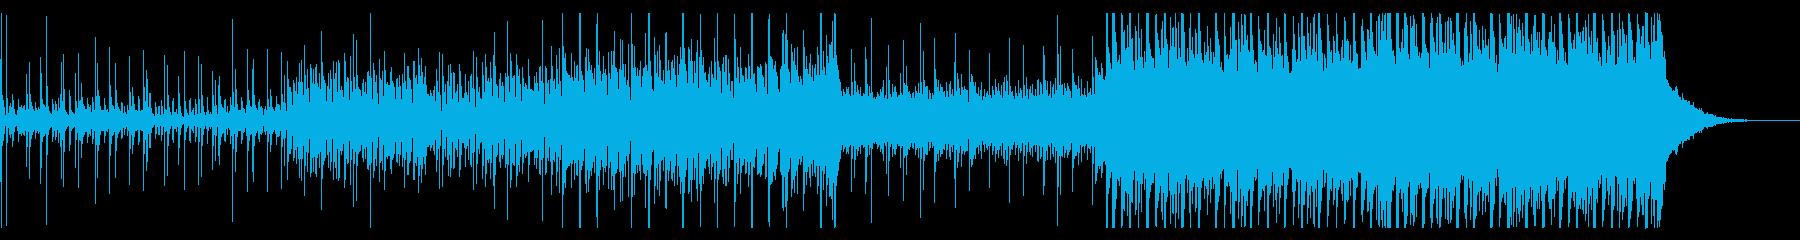 アコギが爽やかな徐々に盛り上がるBGMの再生済みの波形